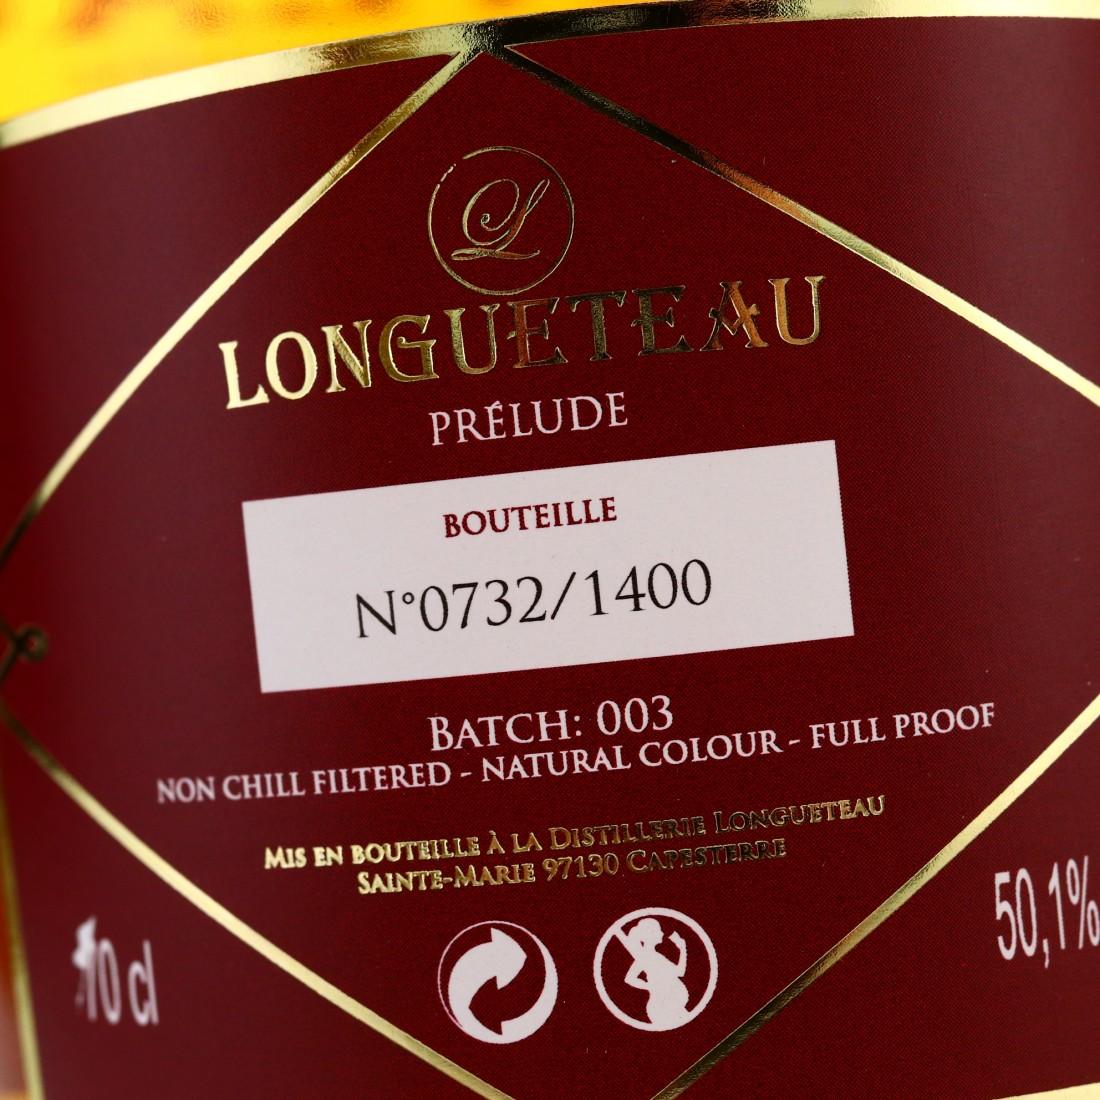 Longueteau Prelude Batch #3